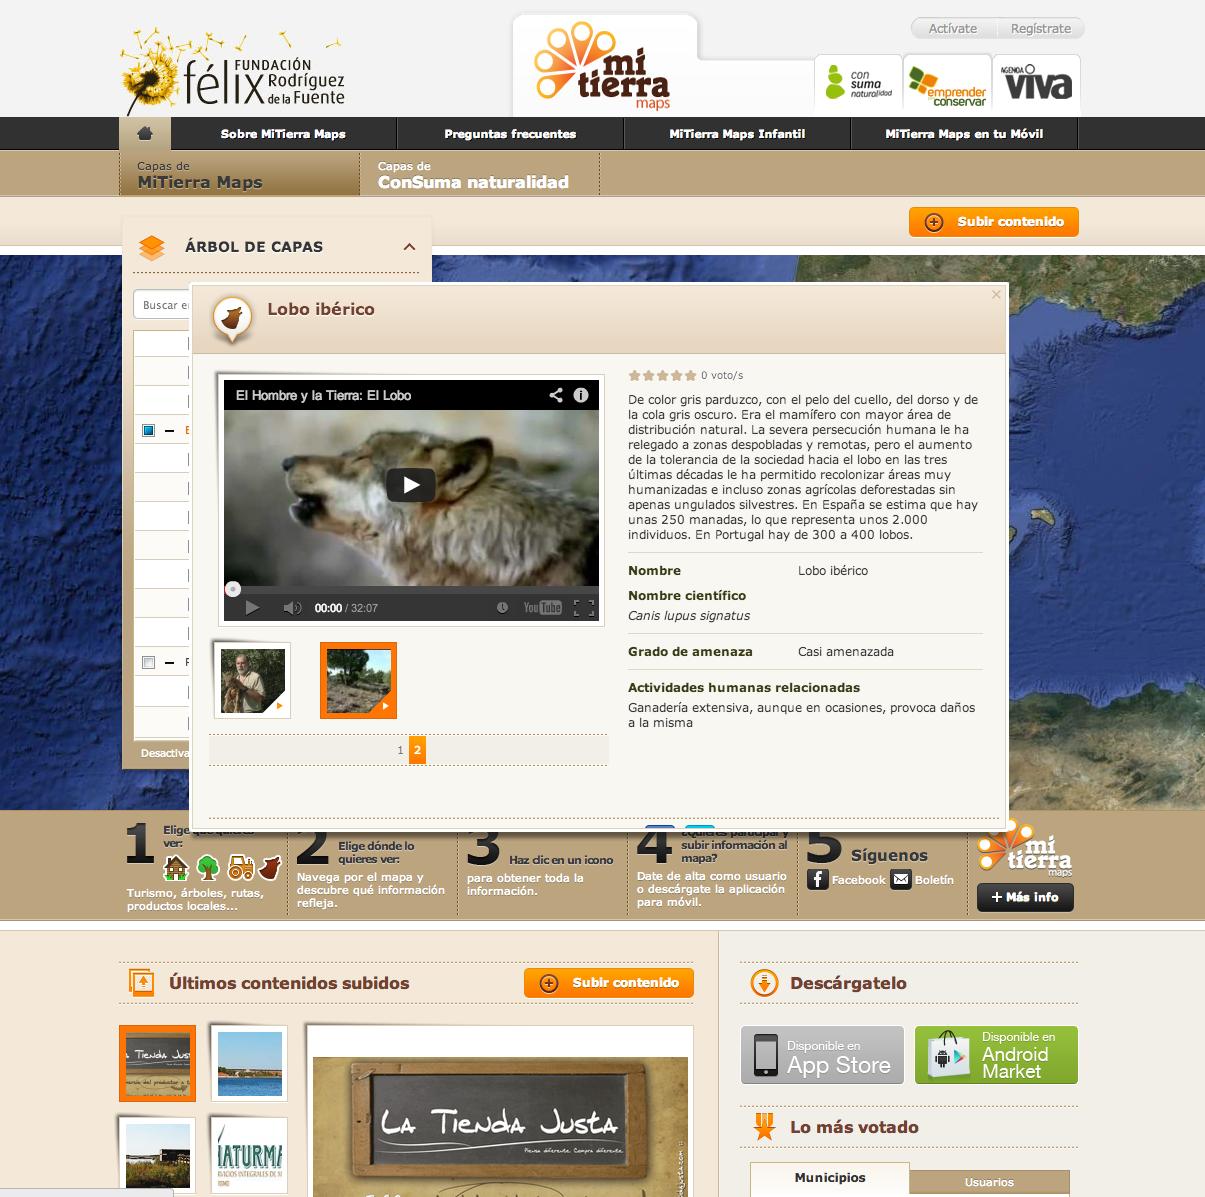 Captura de pantalla 2013-02-11 a la(s) 11.35.23